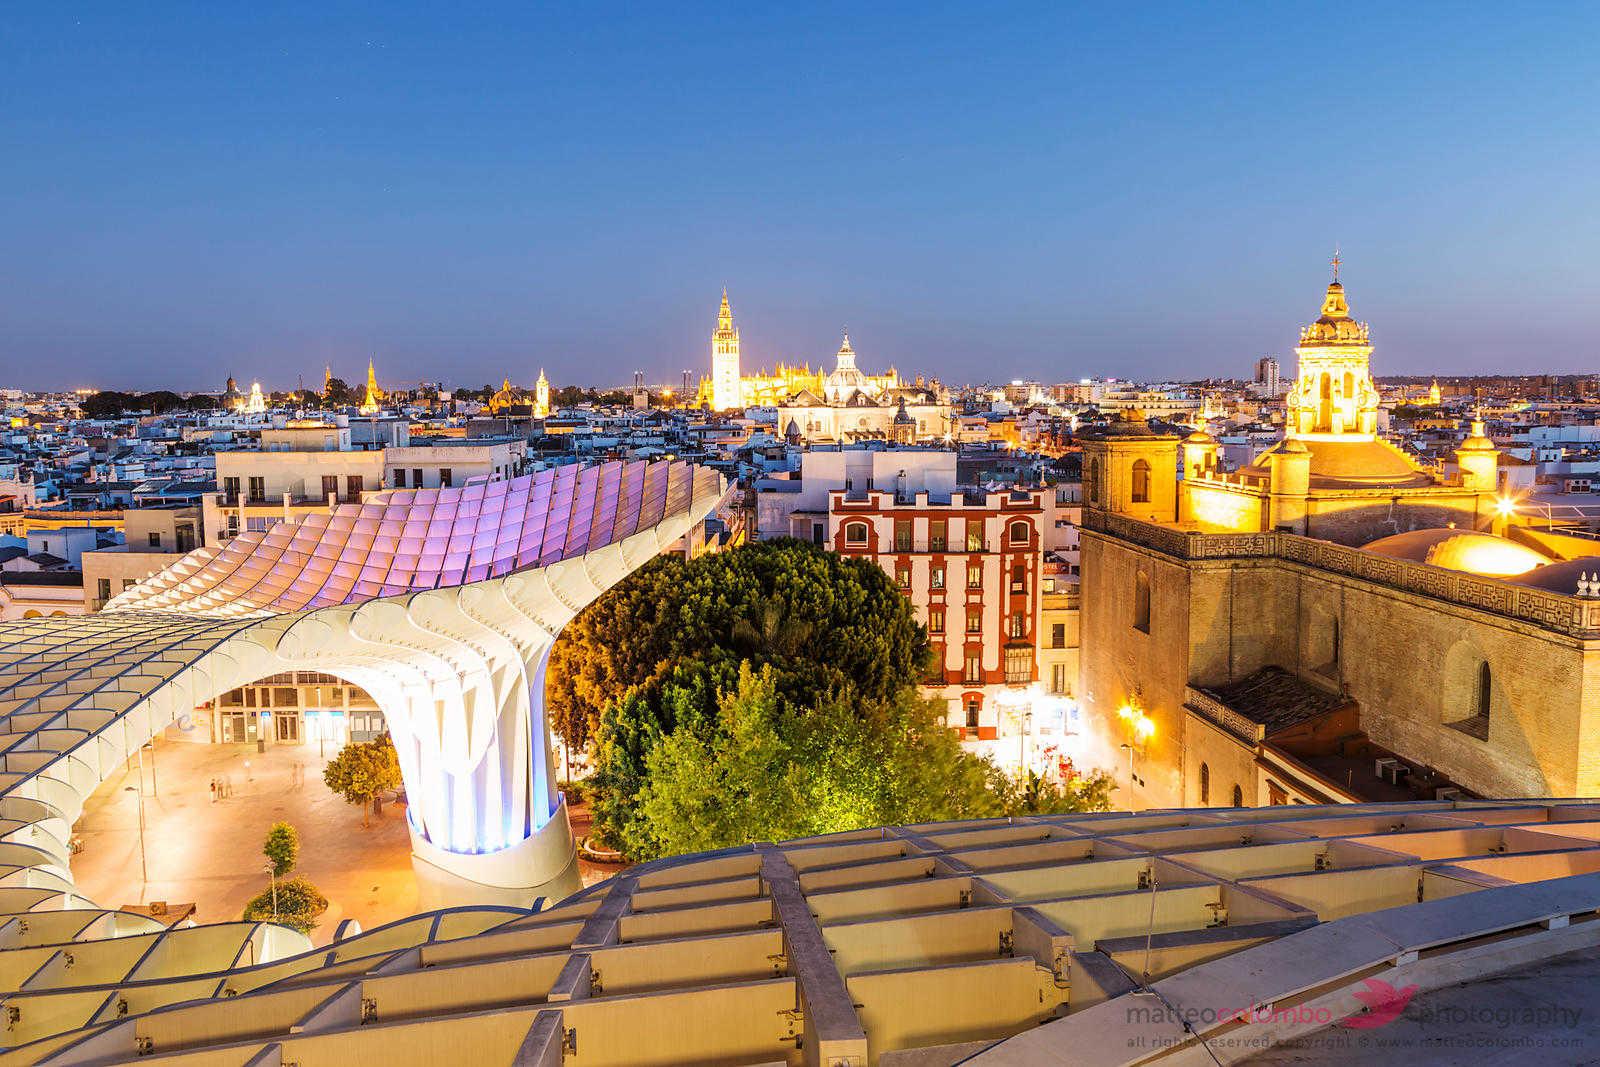 Regal Seville at dusk